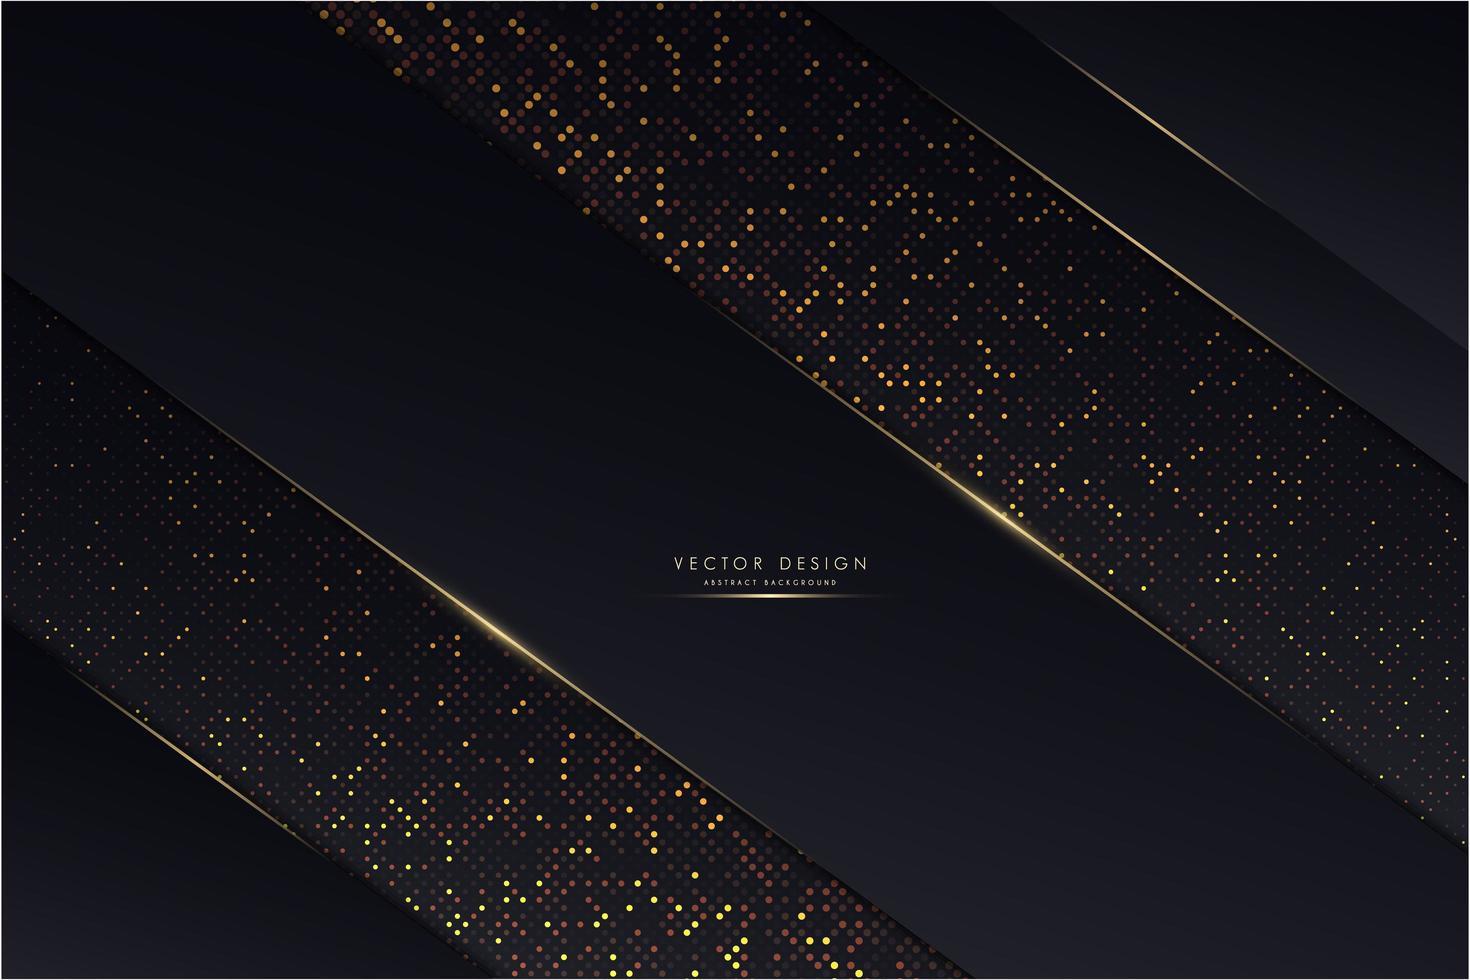 metallisch dunkelblau abgewinkelte Paneele mit leuchtend goldenen Punkten vektor